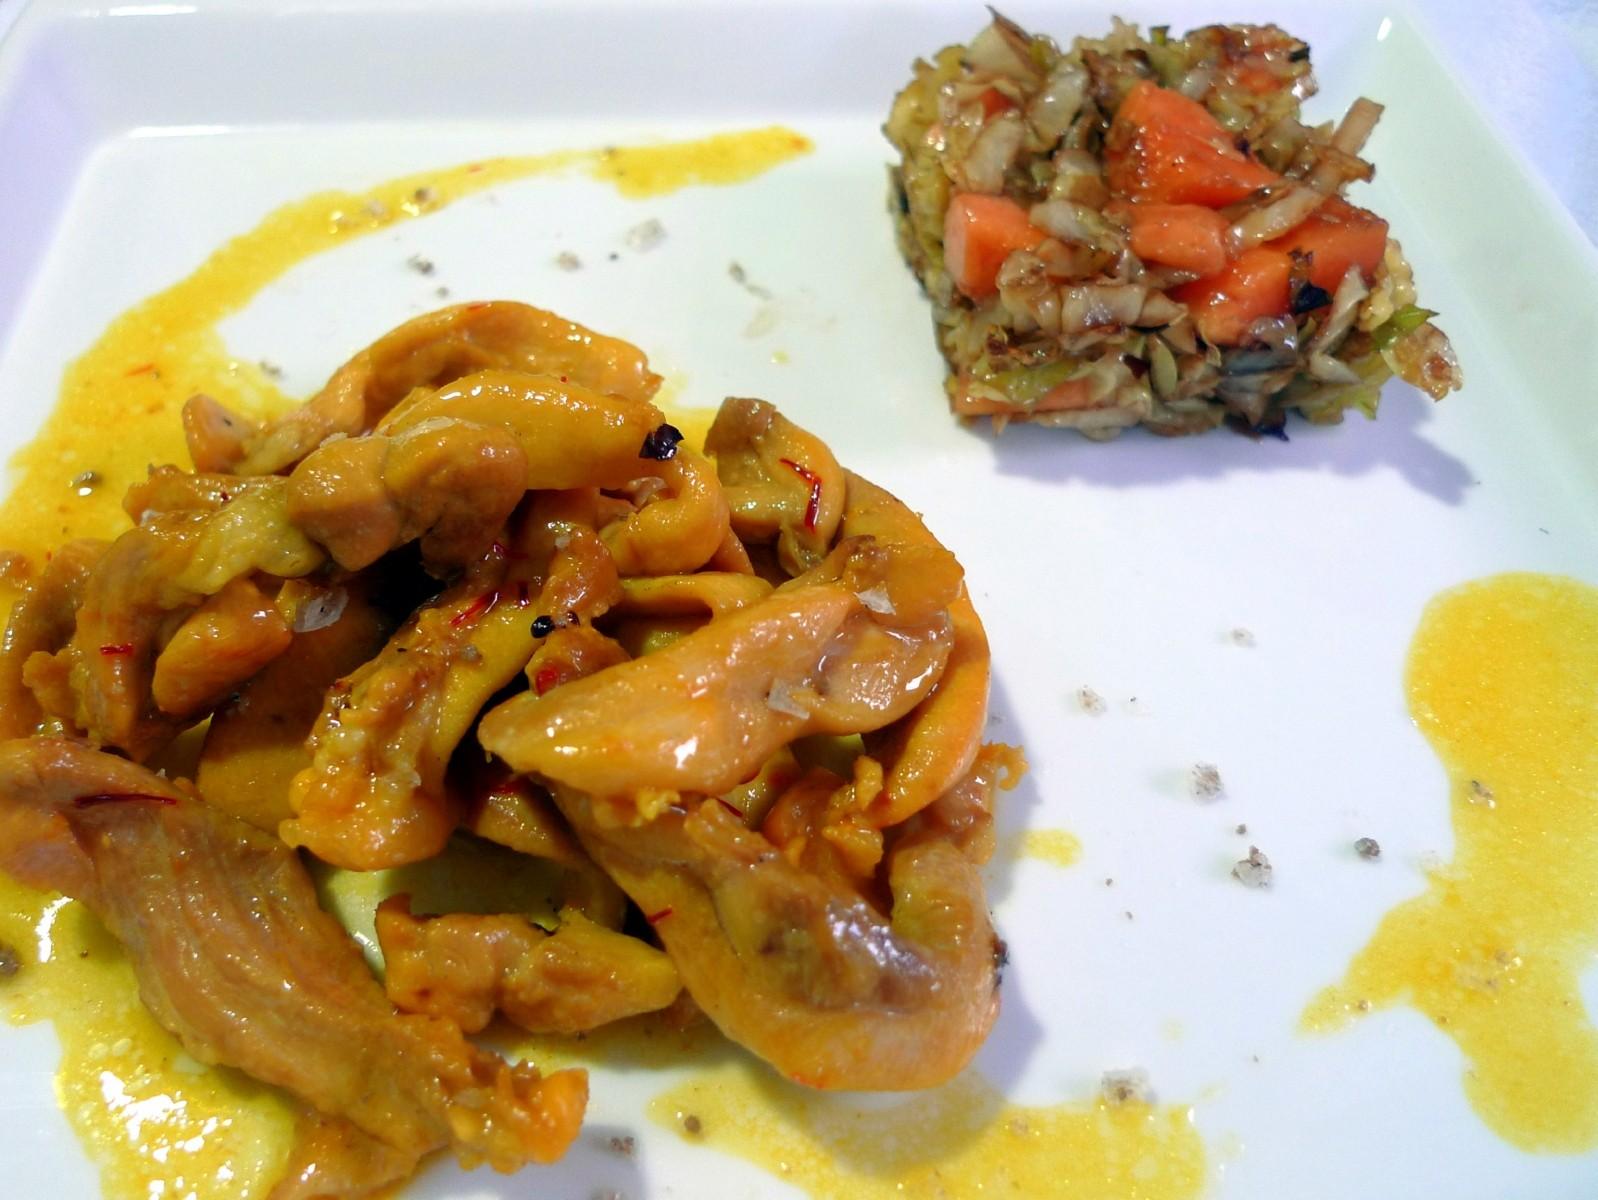 Pollo al azafrán con guarnición de repollo y papaya